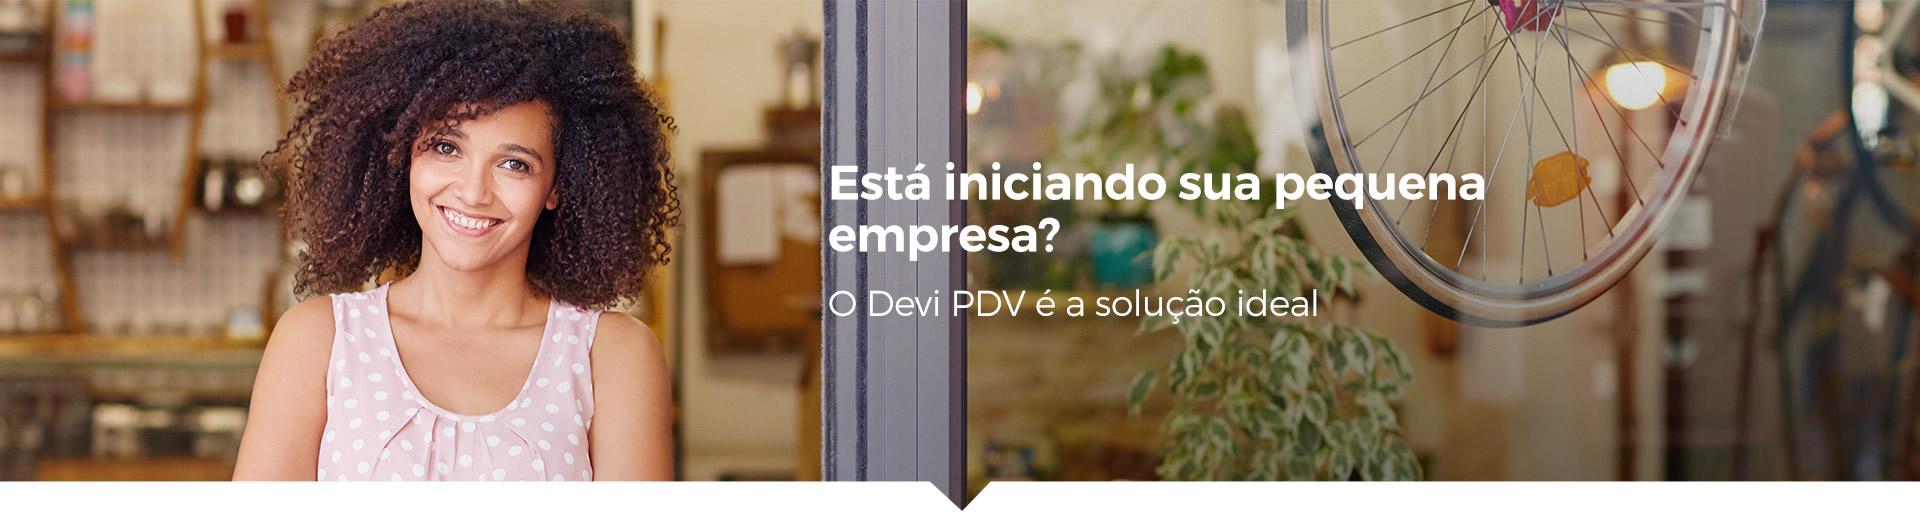 O Devi PDV é a solução ideal